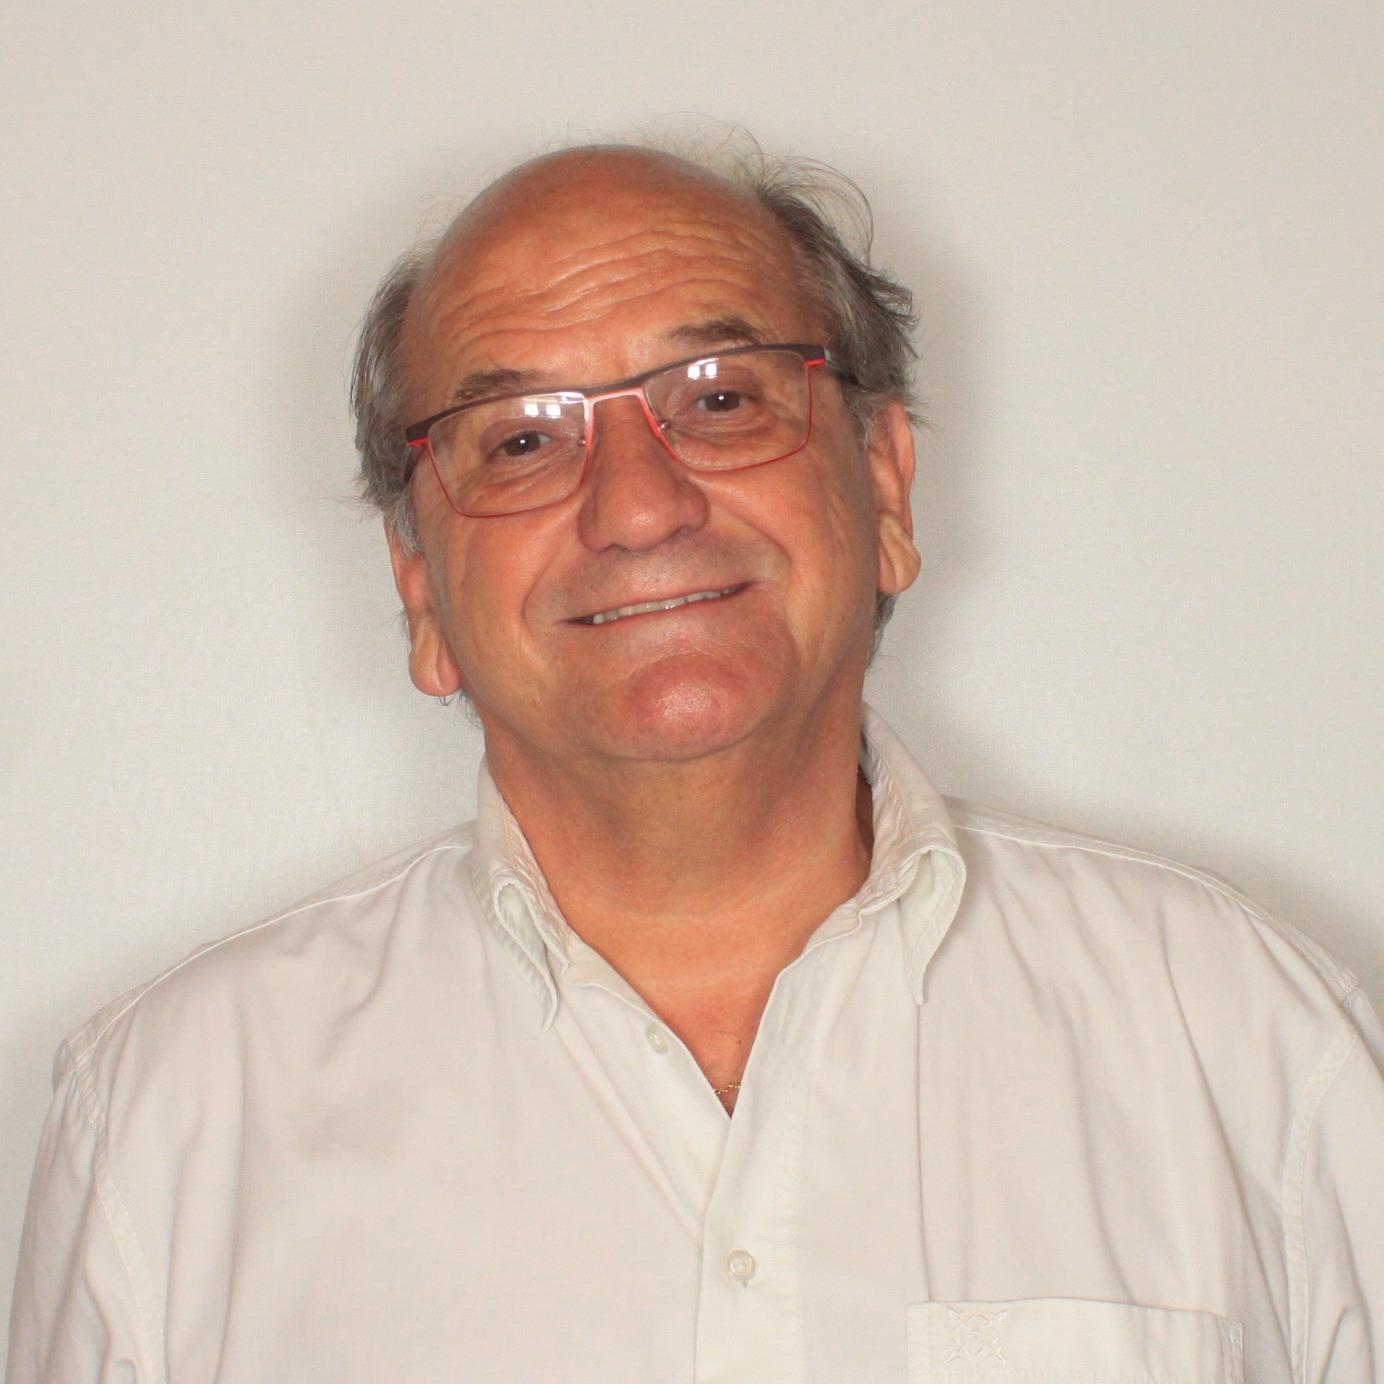 Jean-Philippe Astruc